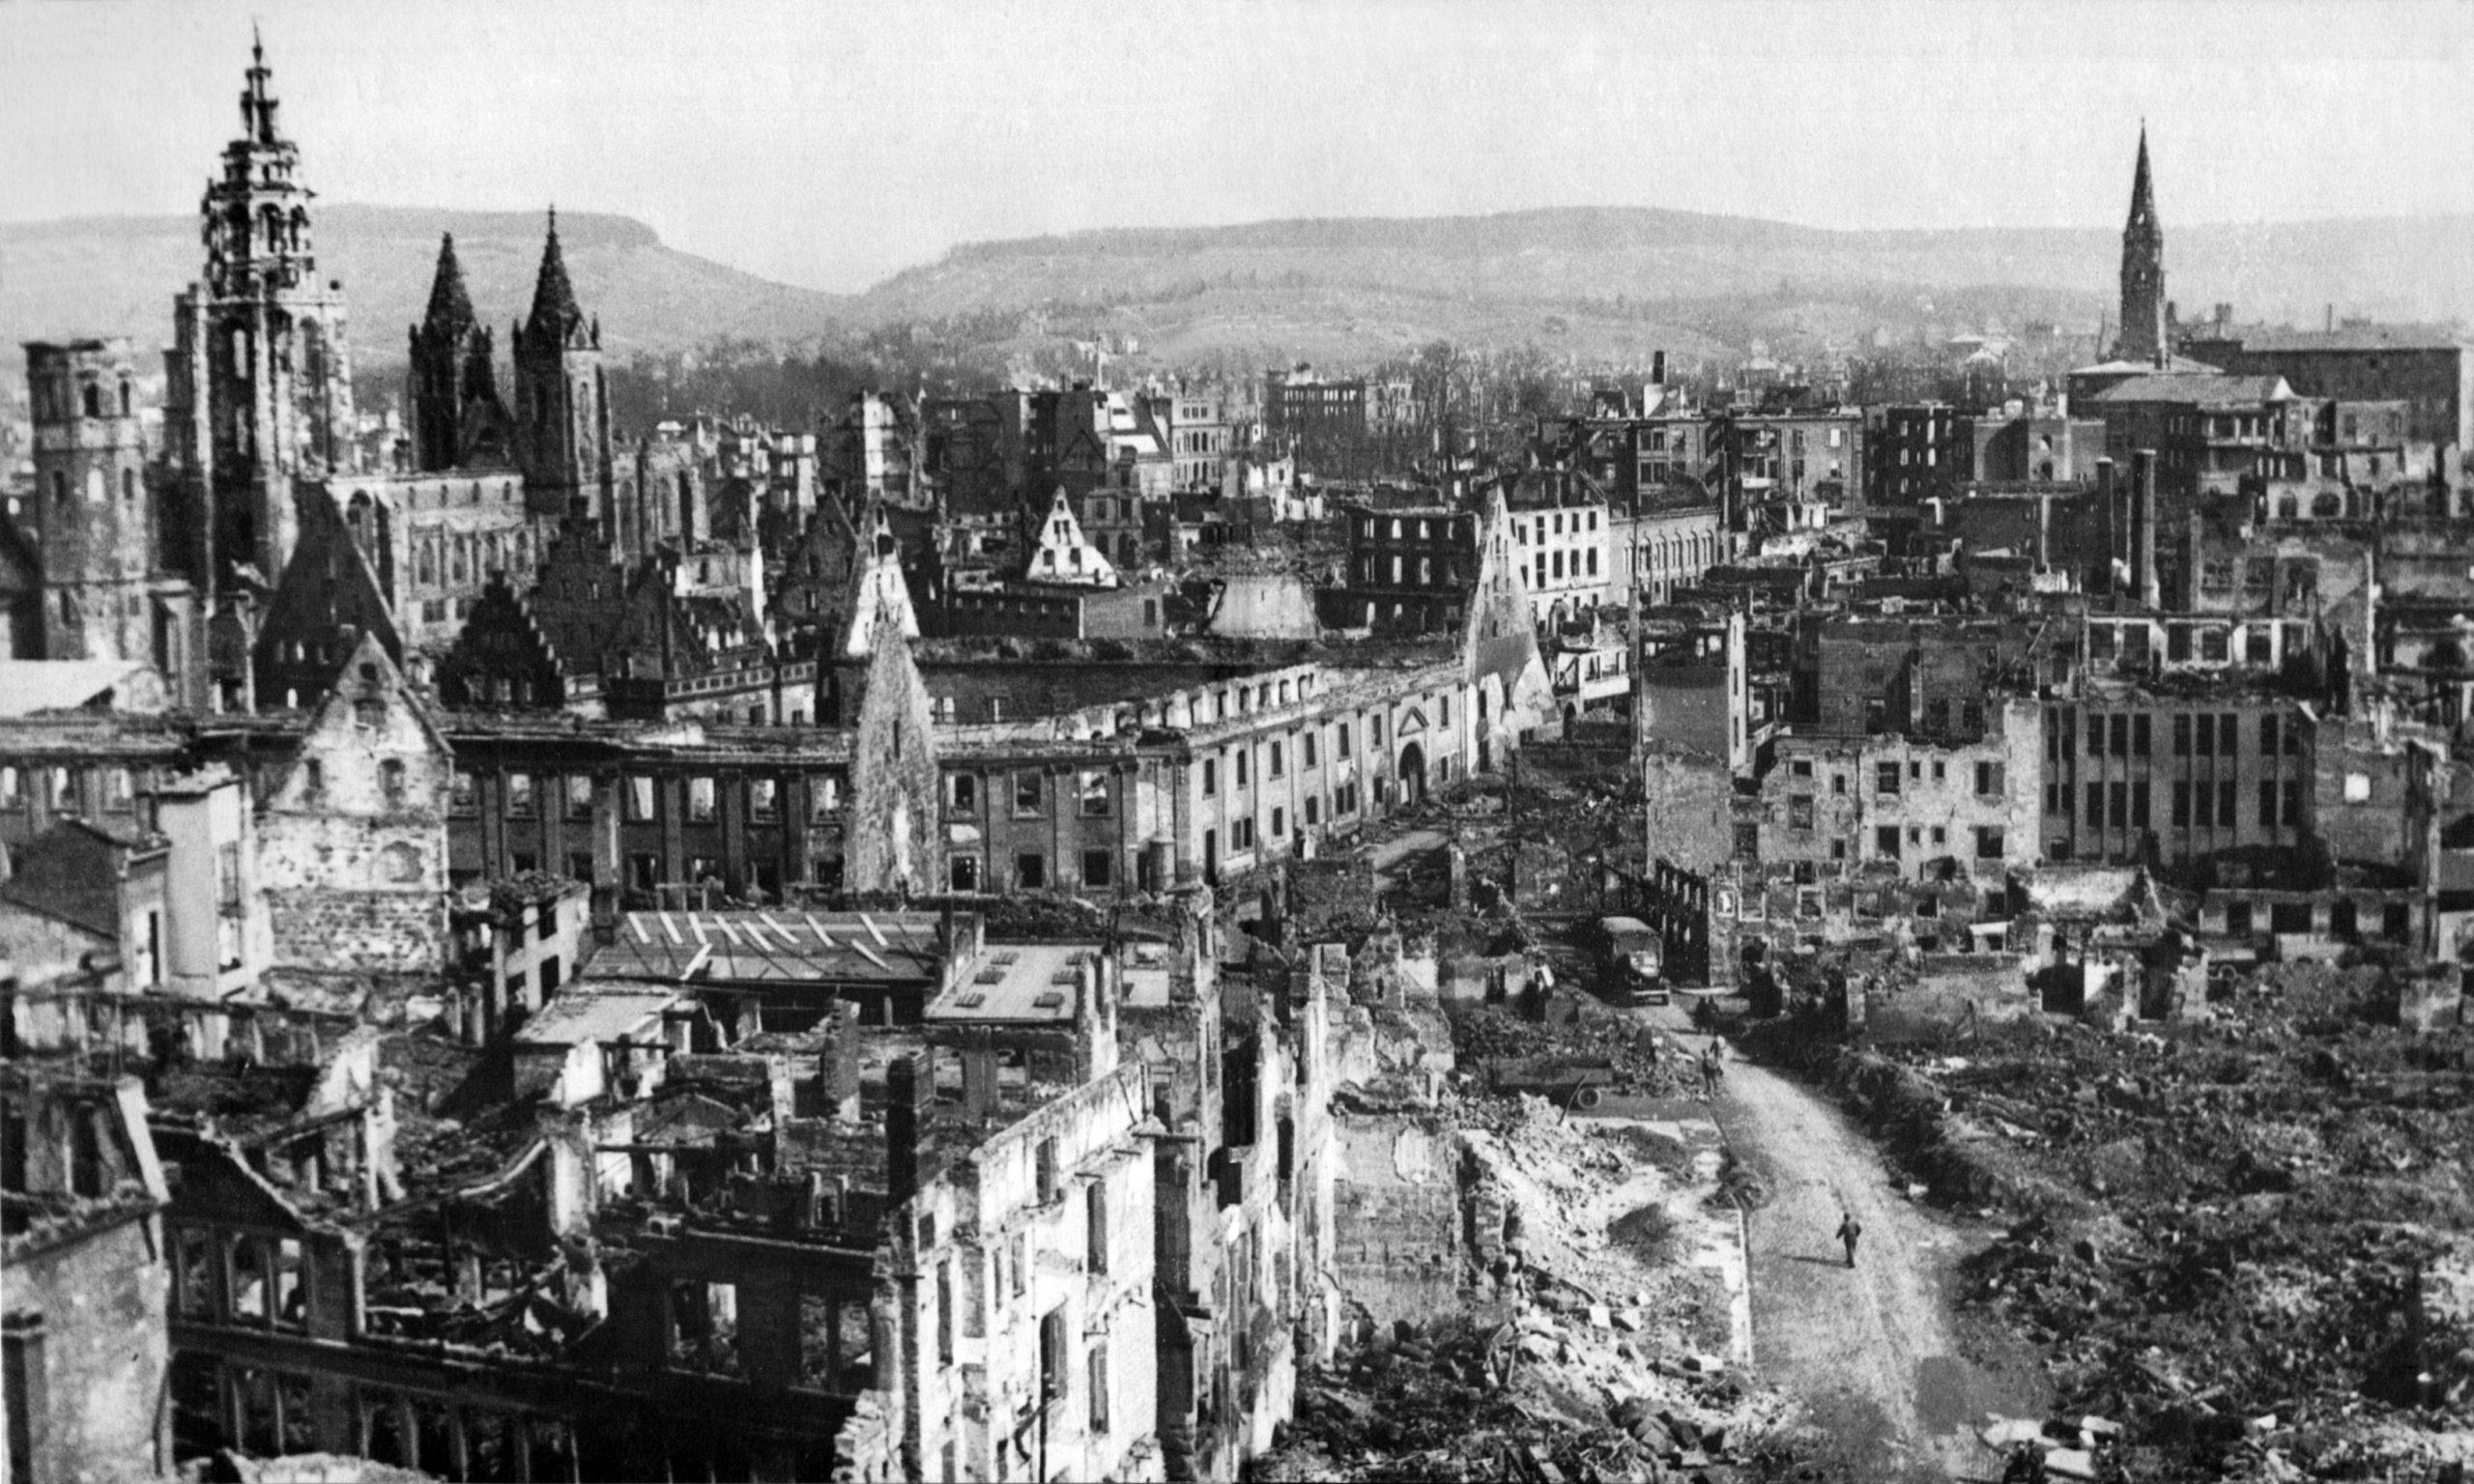 Rede: Gedenkveranstaltung zur  Zerstörung der Stadt Heilbronn am 4.12.